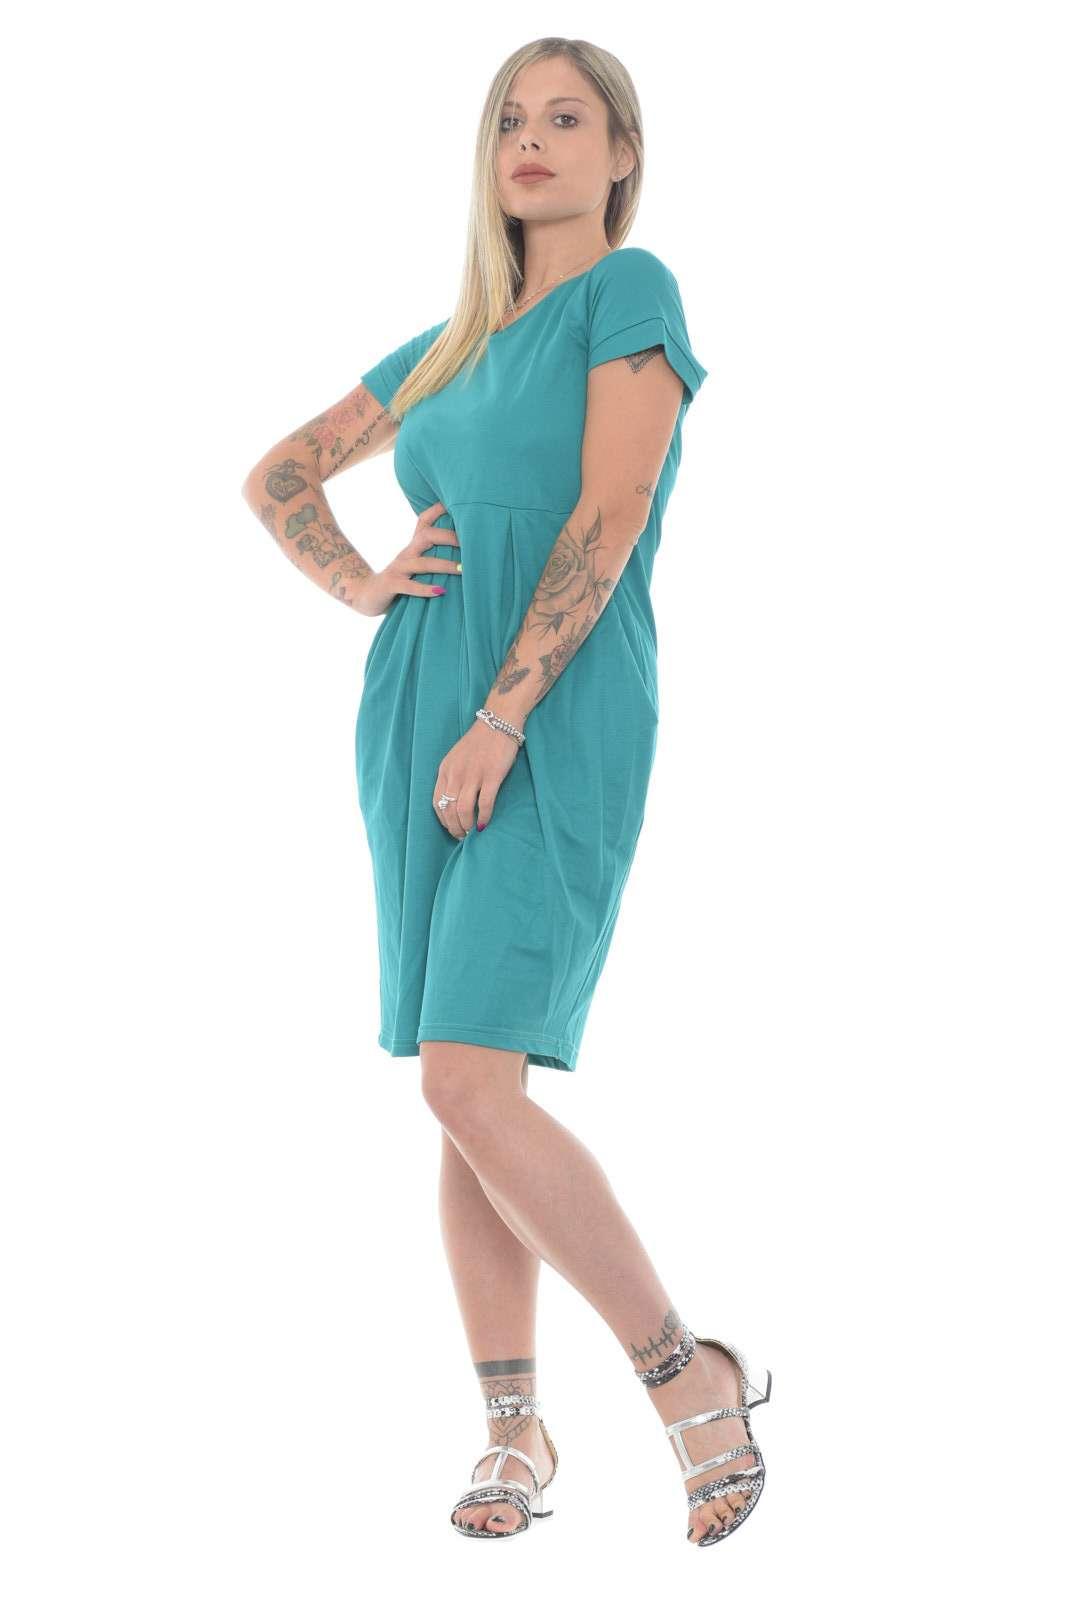 Semplice e basic, questo vestito firmato Simona, perfetto per le tue giornate estive più informali. Da abbinare a zeppe o sandali, per un look tipicamente estivo9, garantirà stile e freschezza.